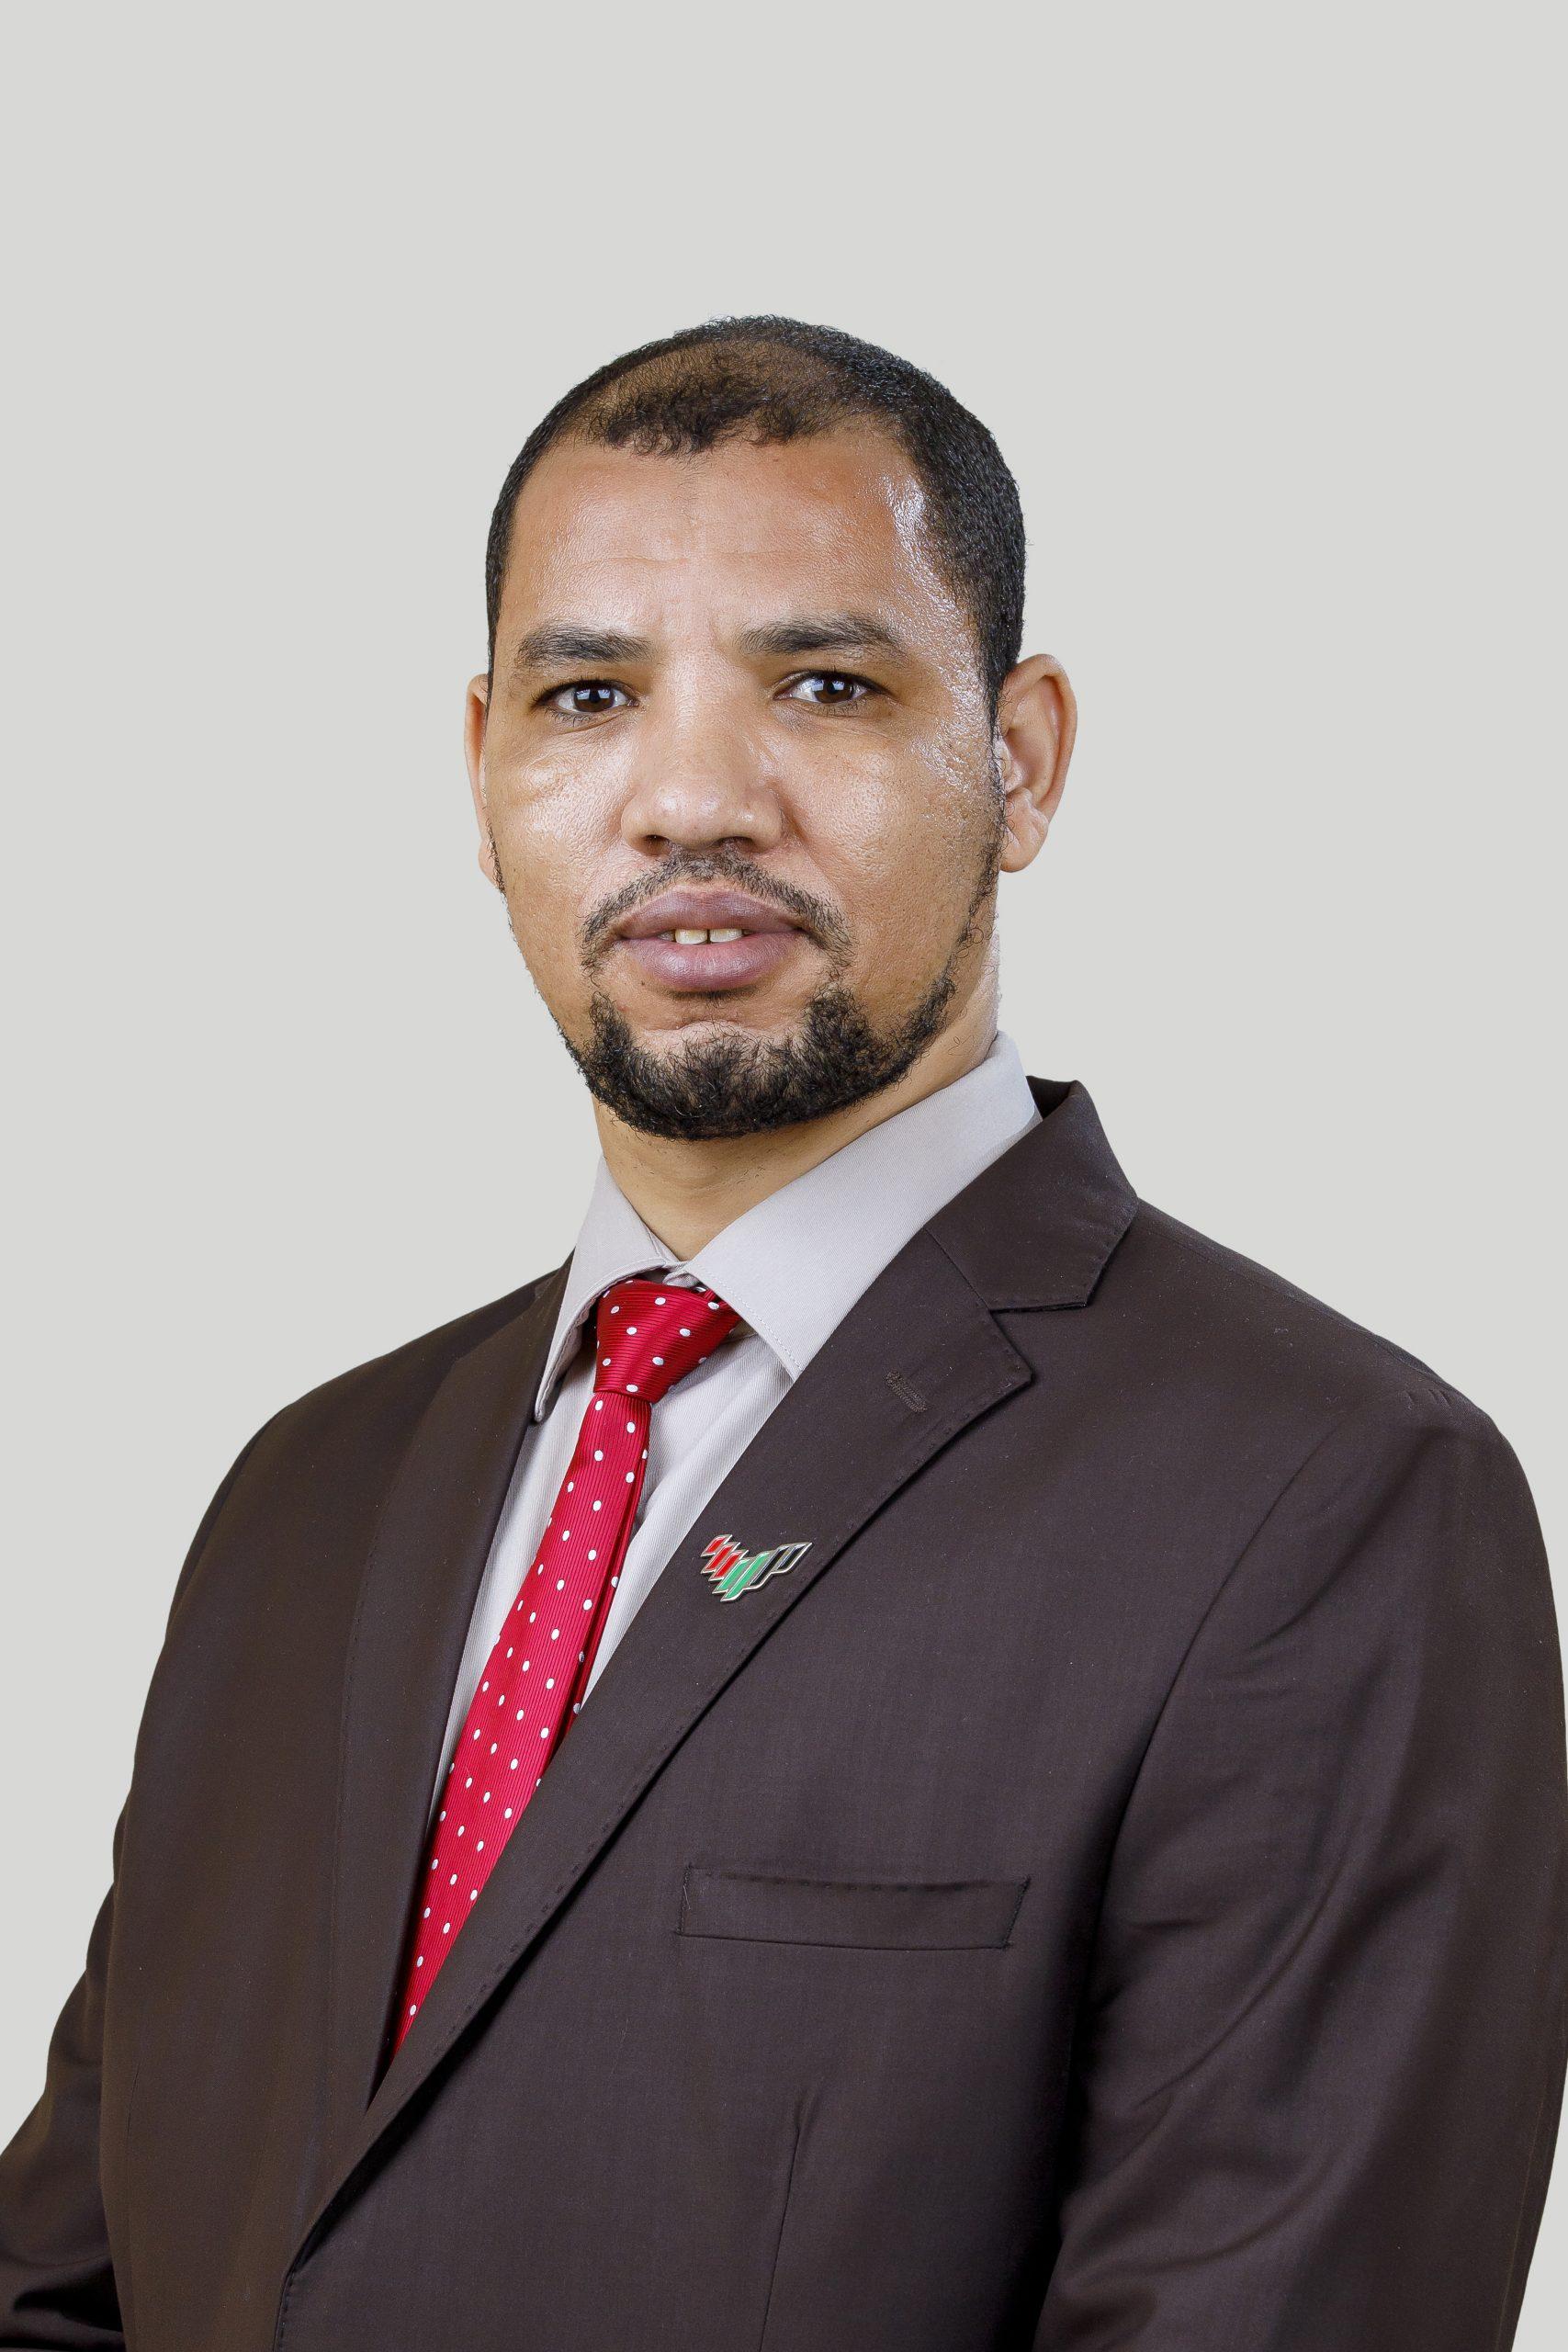 Dr. Mustapha Akli